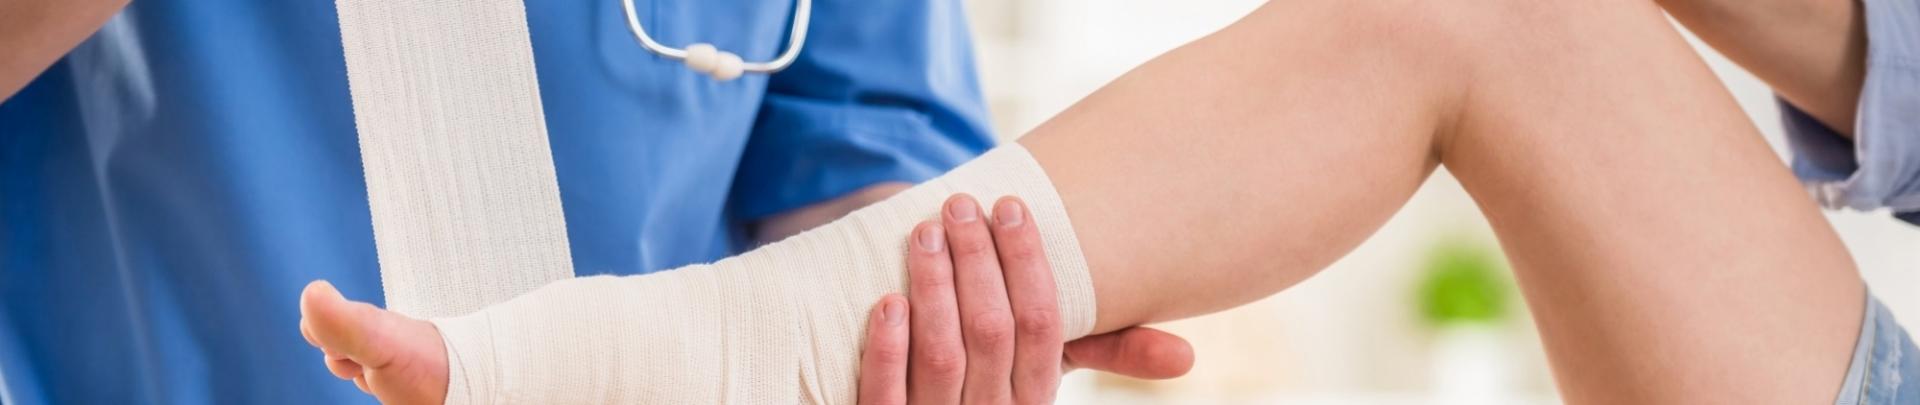 Dokter wikkeld een voet in het verband